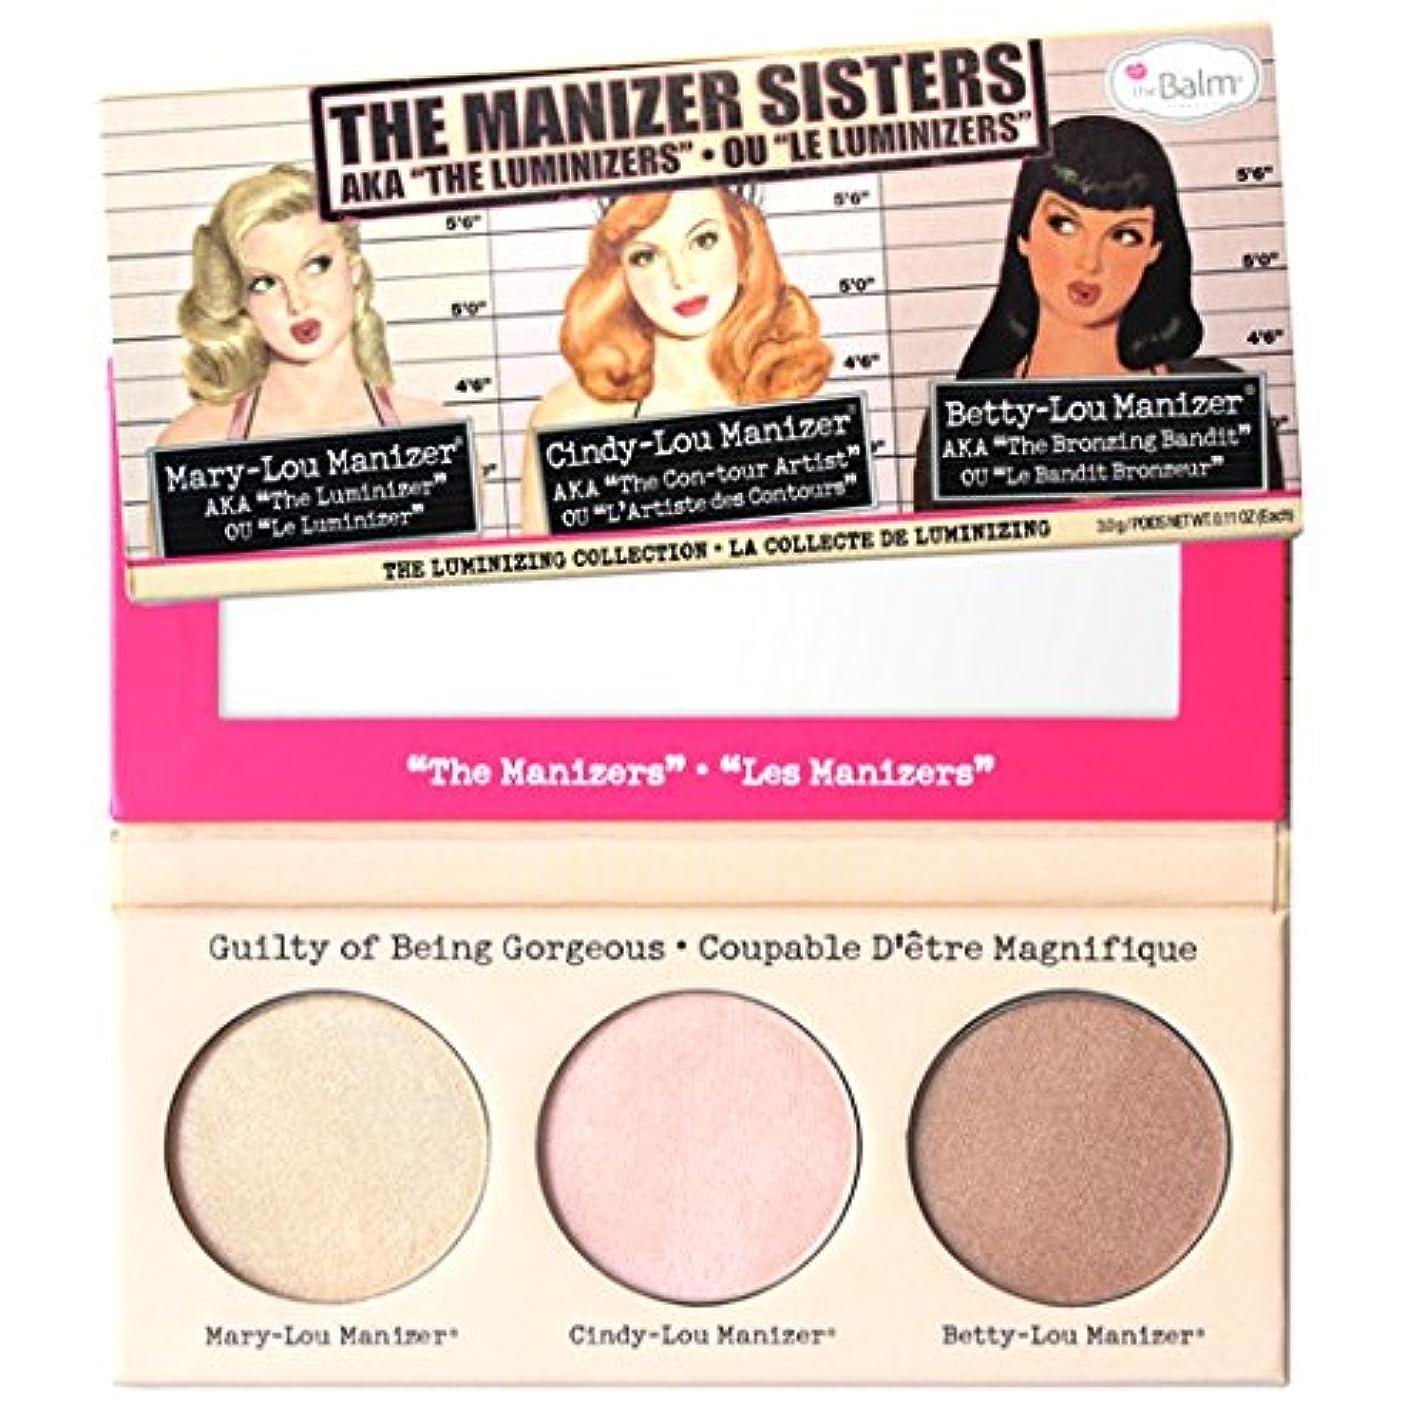 薬局陰気怠けたThebalm Themanizer Sisters Luminizers Palette (並行輸入品) [並行輸入品]